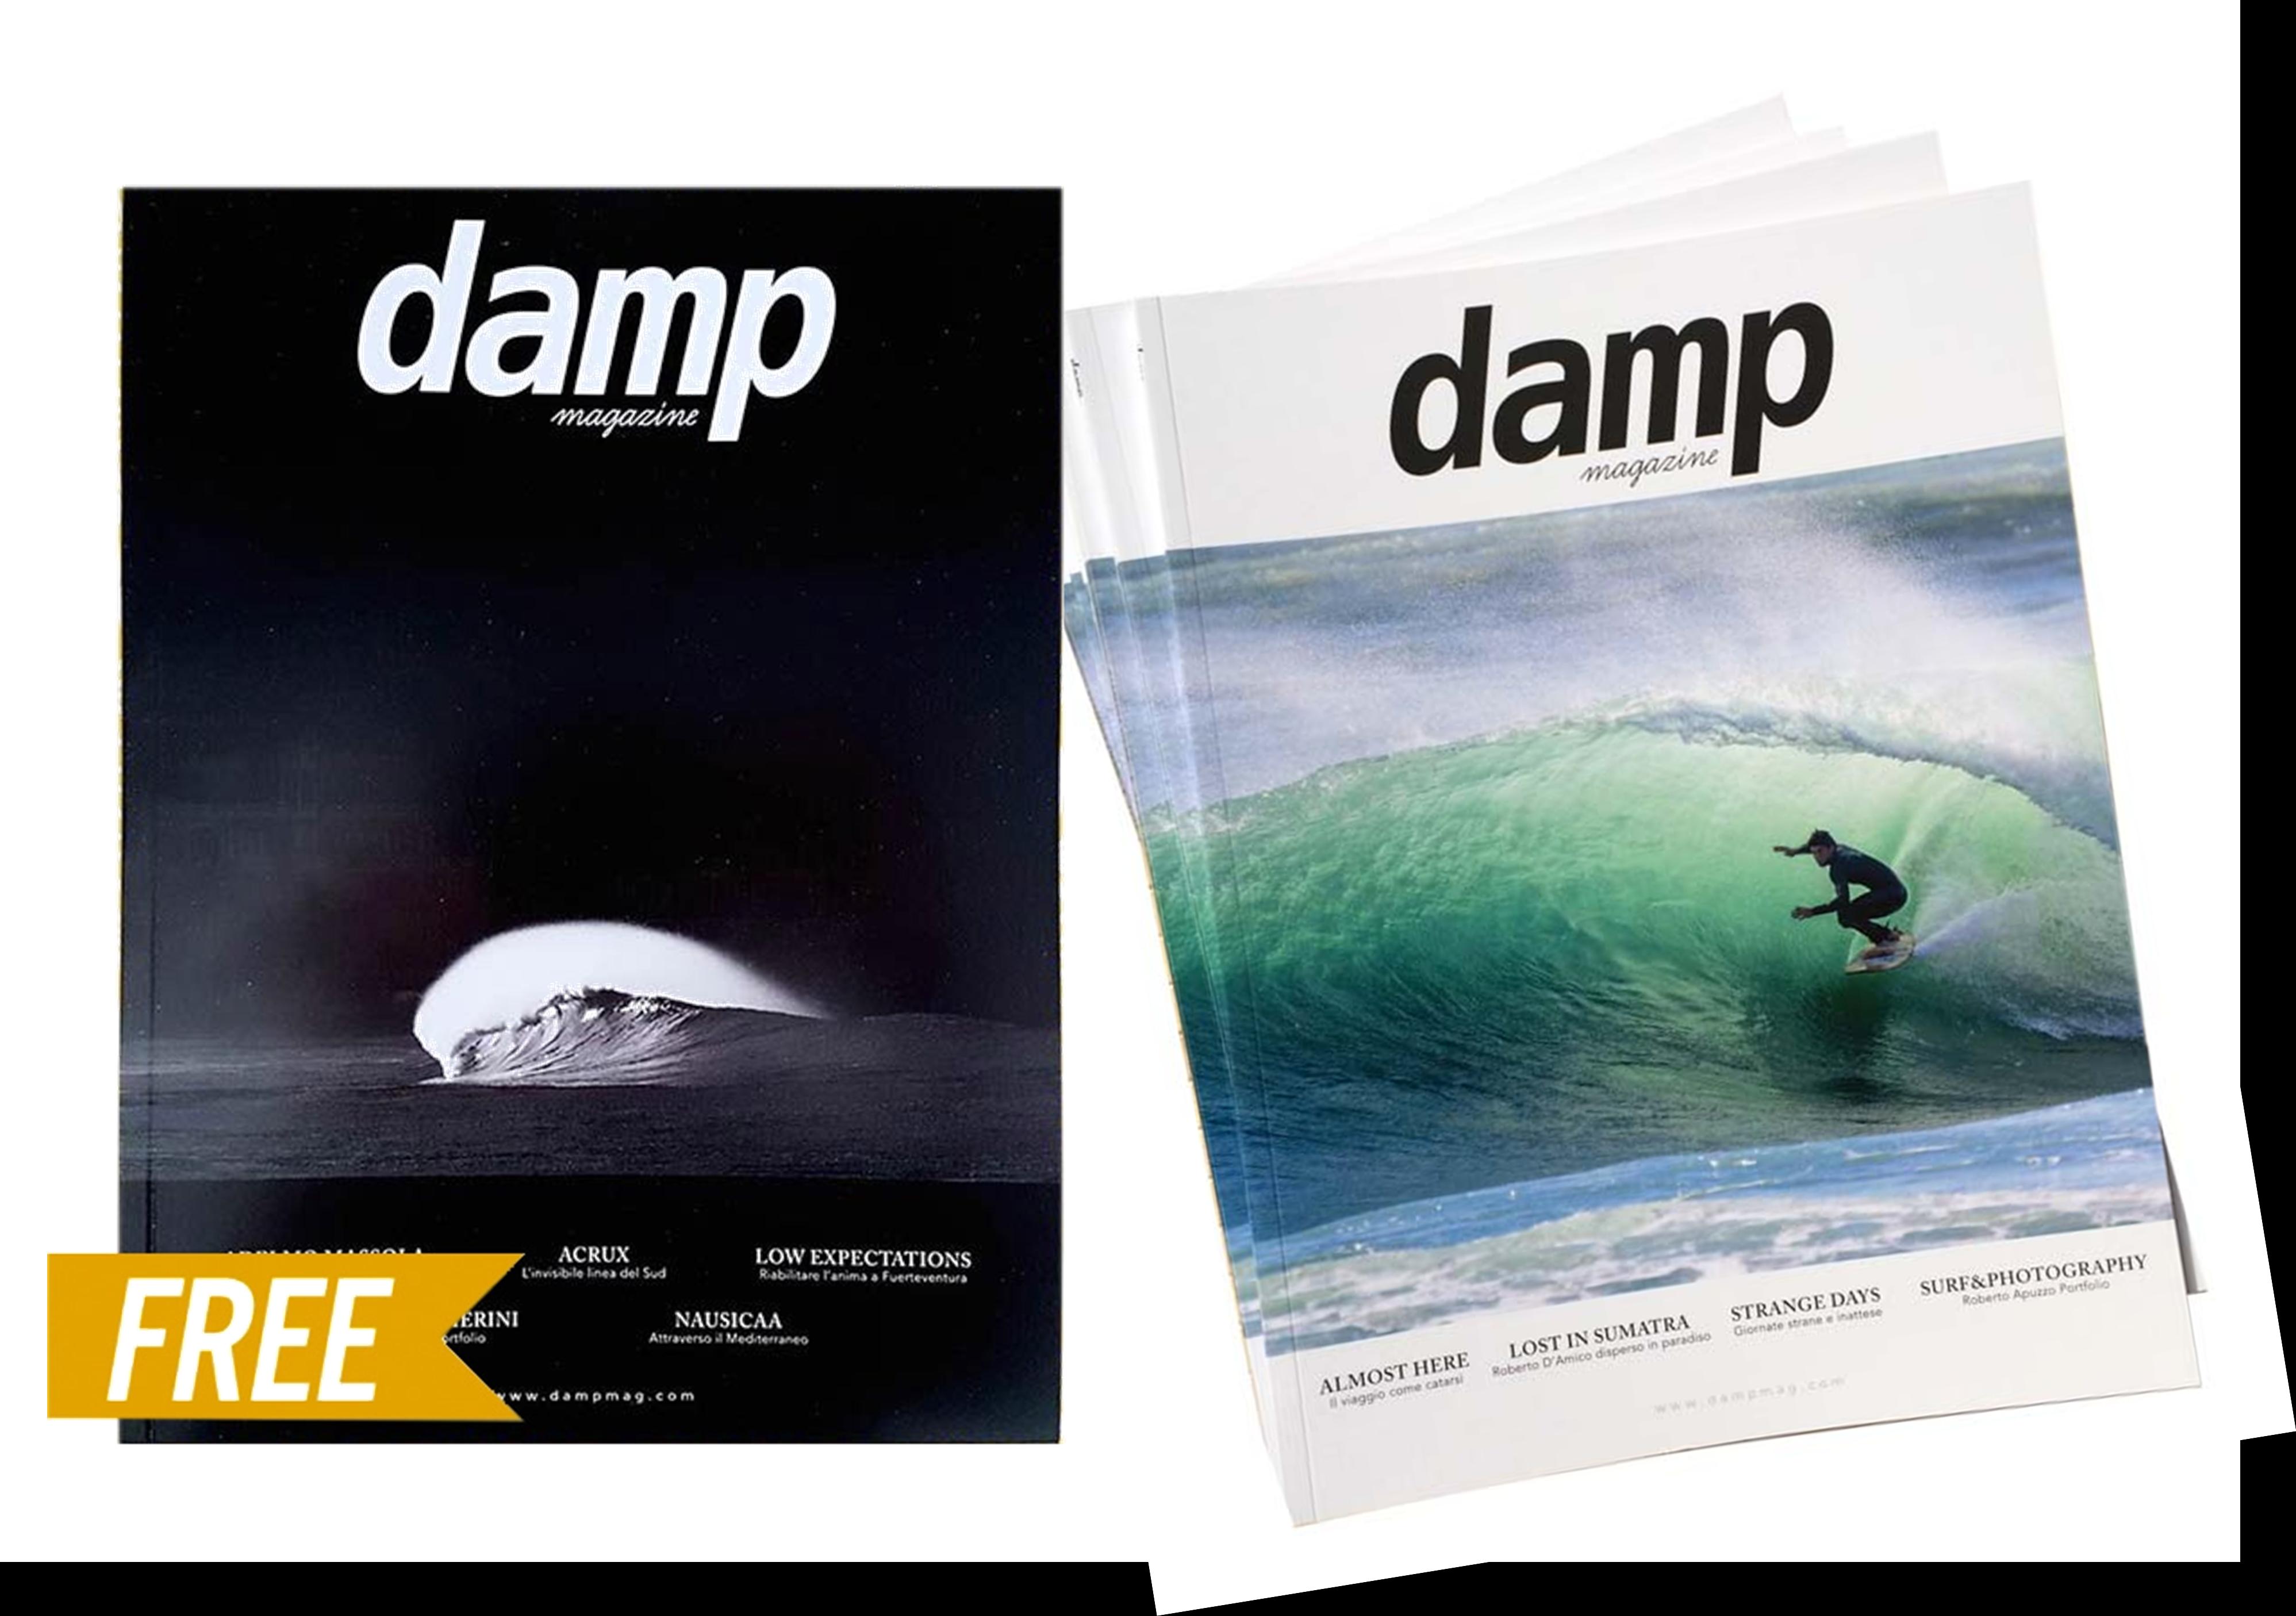 Damp Magazine # La nuova rivista italiana di surf totalmente gratuita